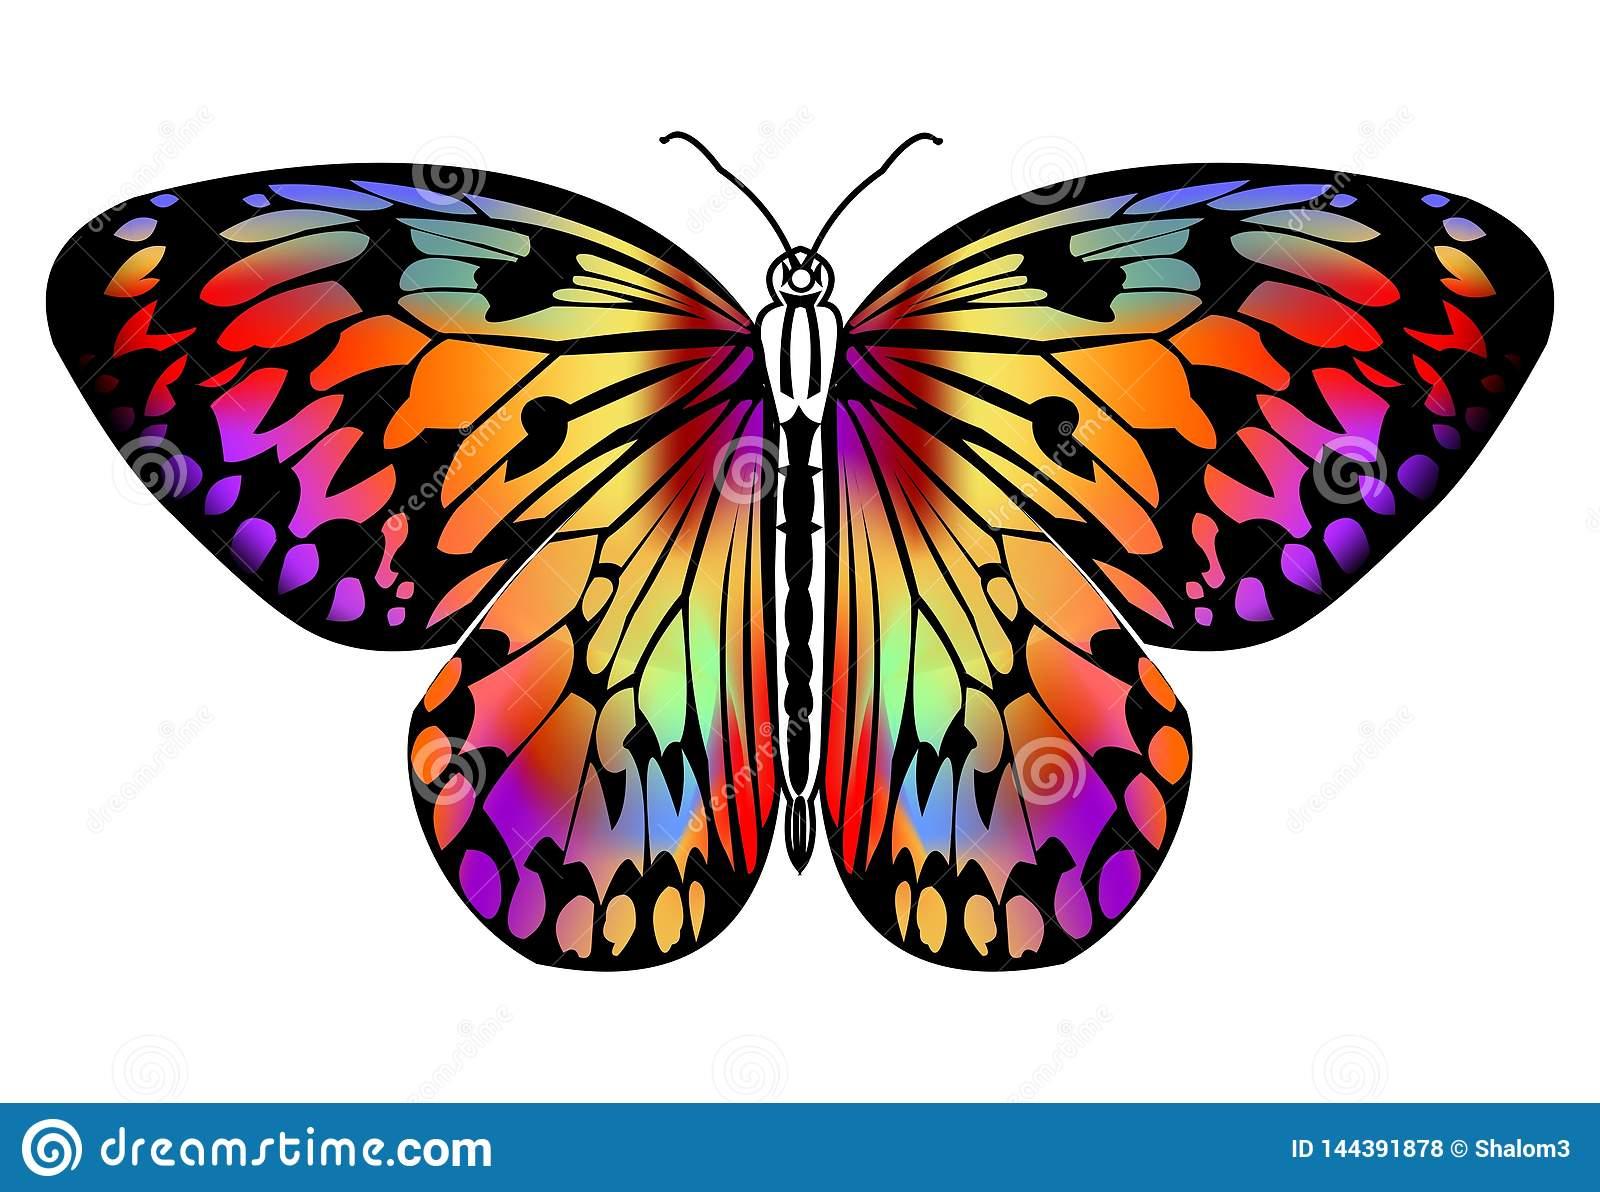 Dessin De Papillon Dans Des Couleurs Vives Dans Le Contour intérieur Papillon À Dessiner